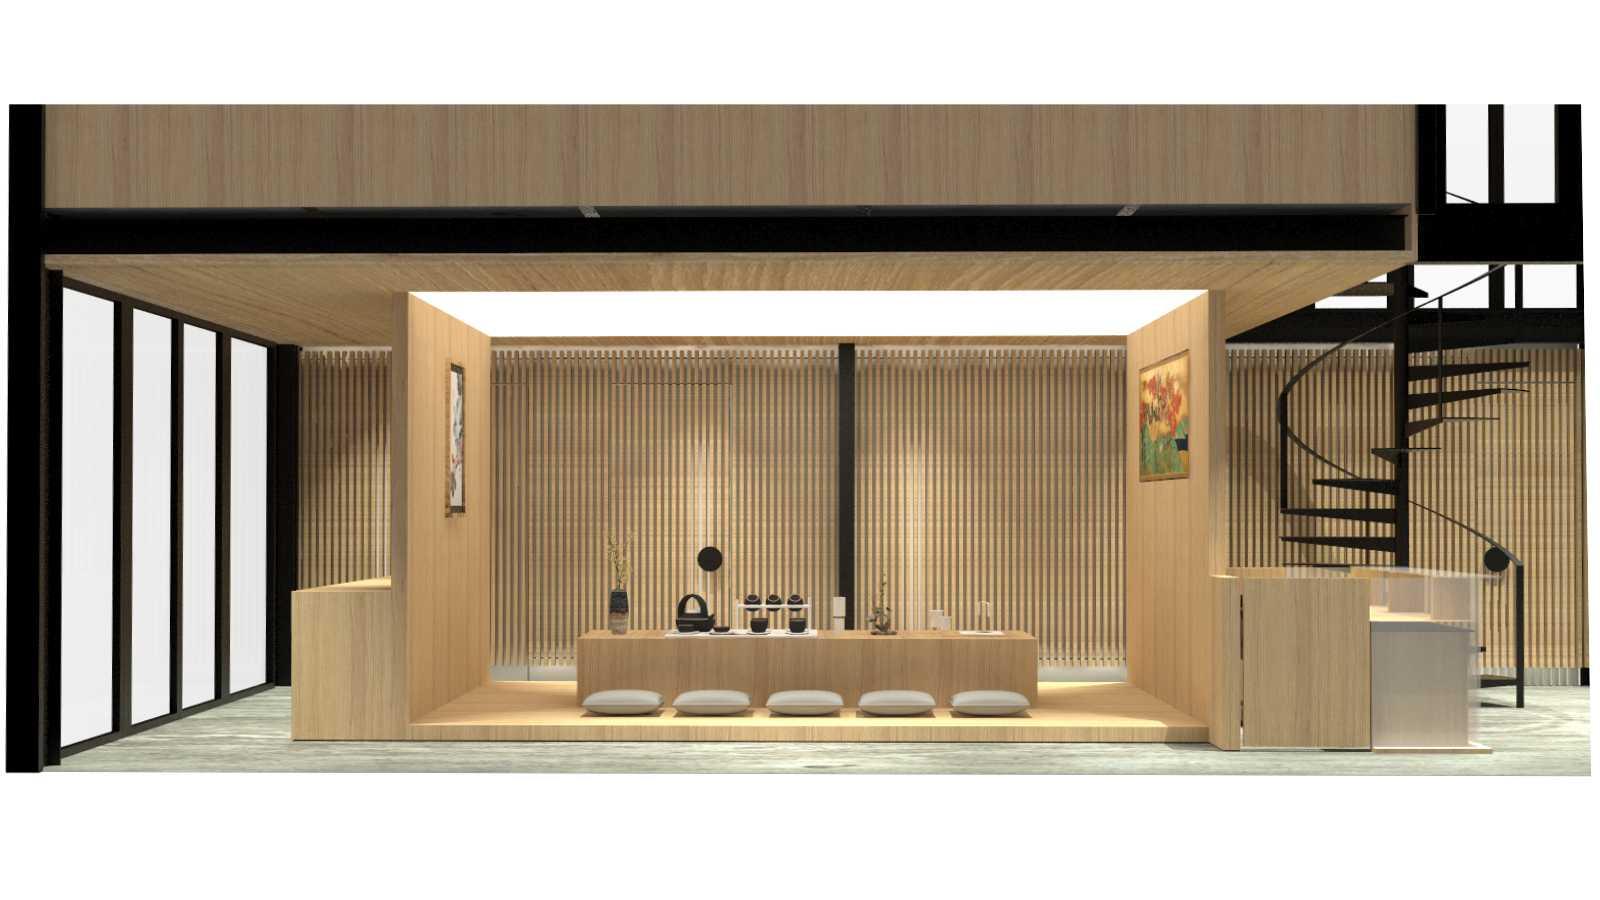 Design Donk N Clinic Rooftop Kec. Klp. Gading, Kota Jkt Utara, Daerah Khusus Ibukota Jakarta, Indonesia Kec. Klp. Gading, Kota Jkt Utara, Daerah Khusus Ibukota Jakarta, Indonesia Design-Donk-N-Clinic-Rooftop  99213